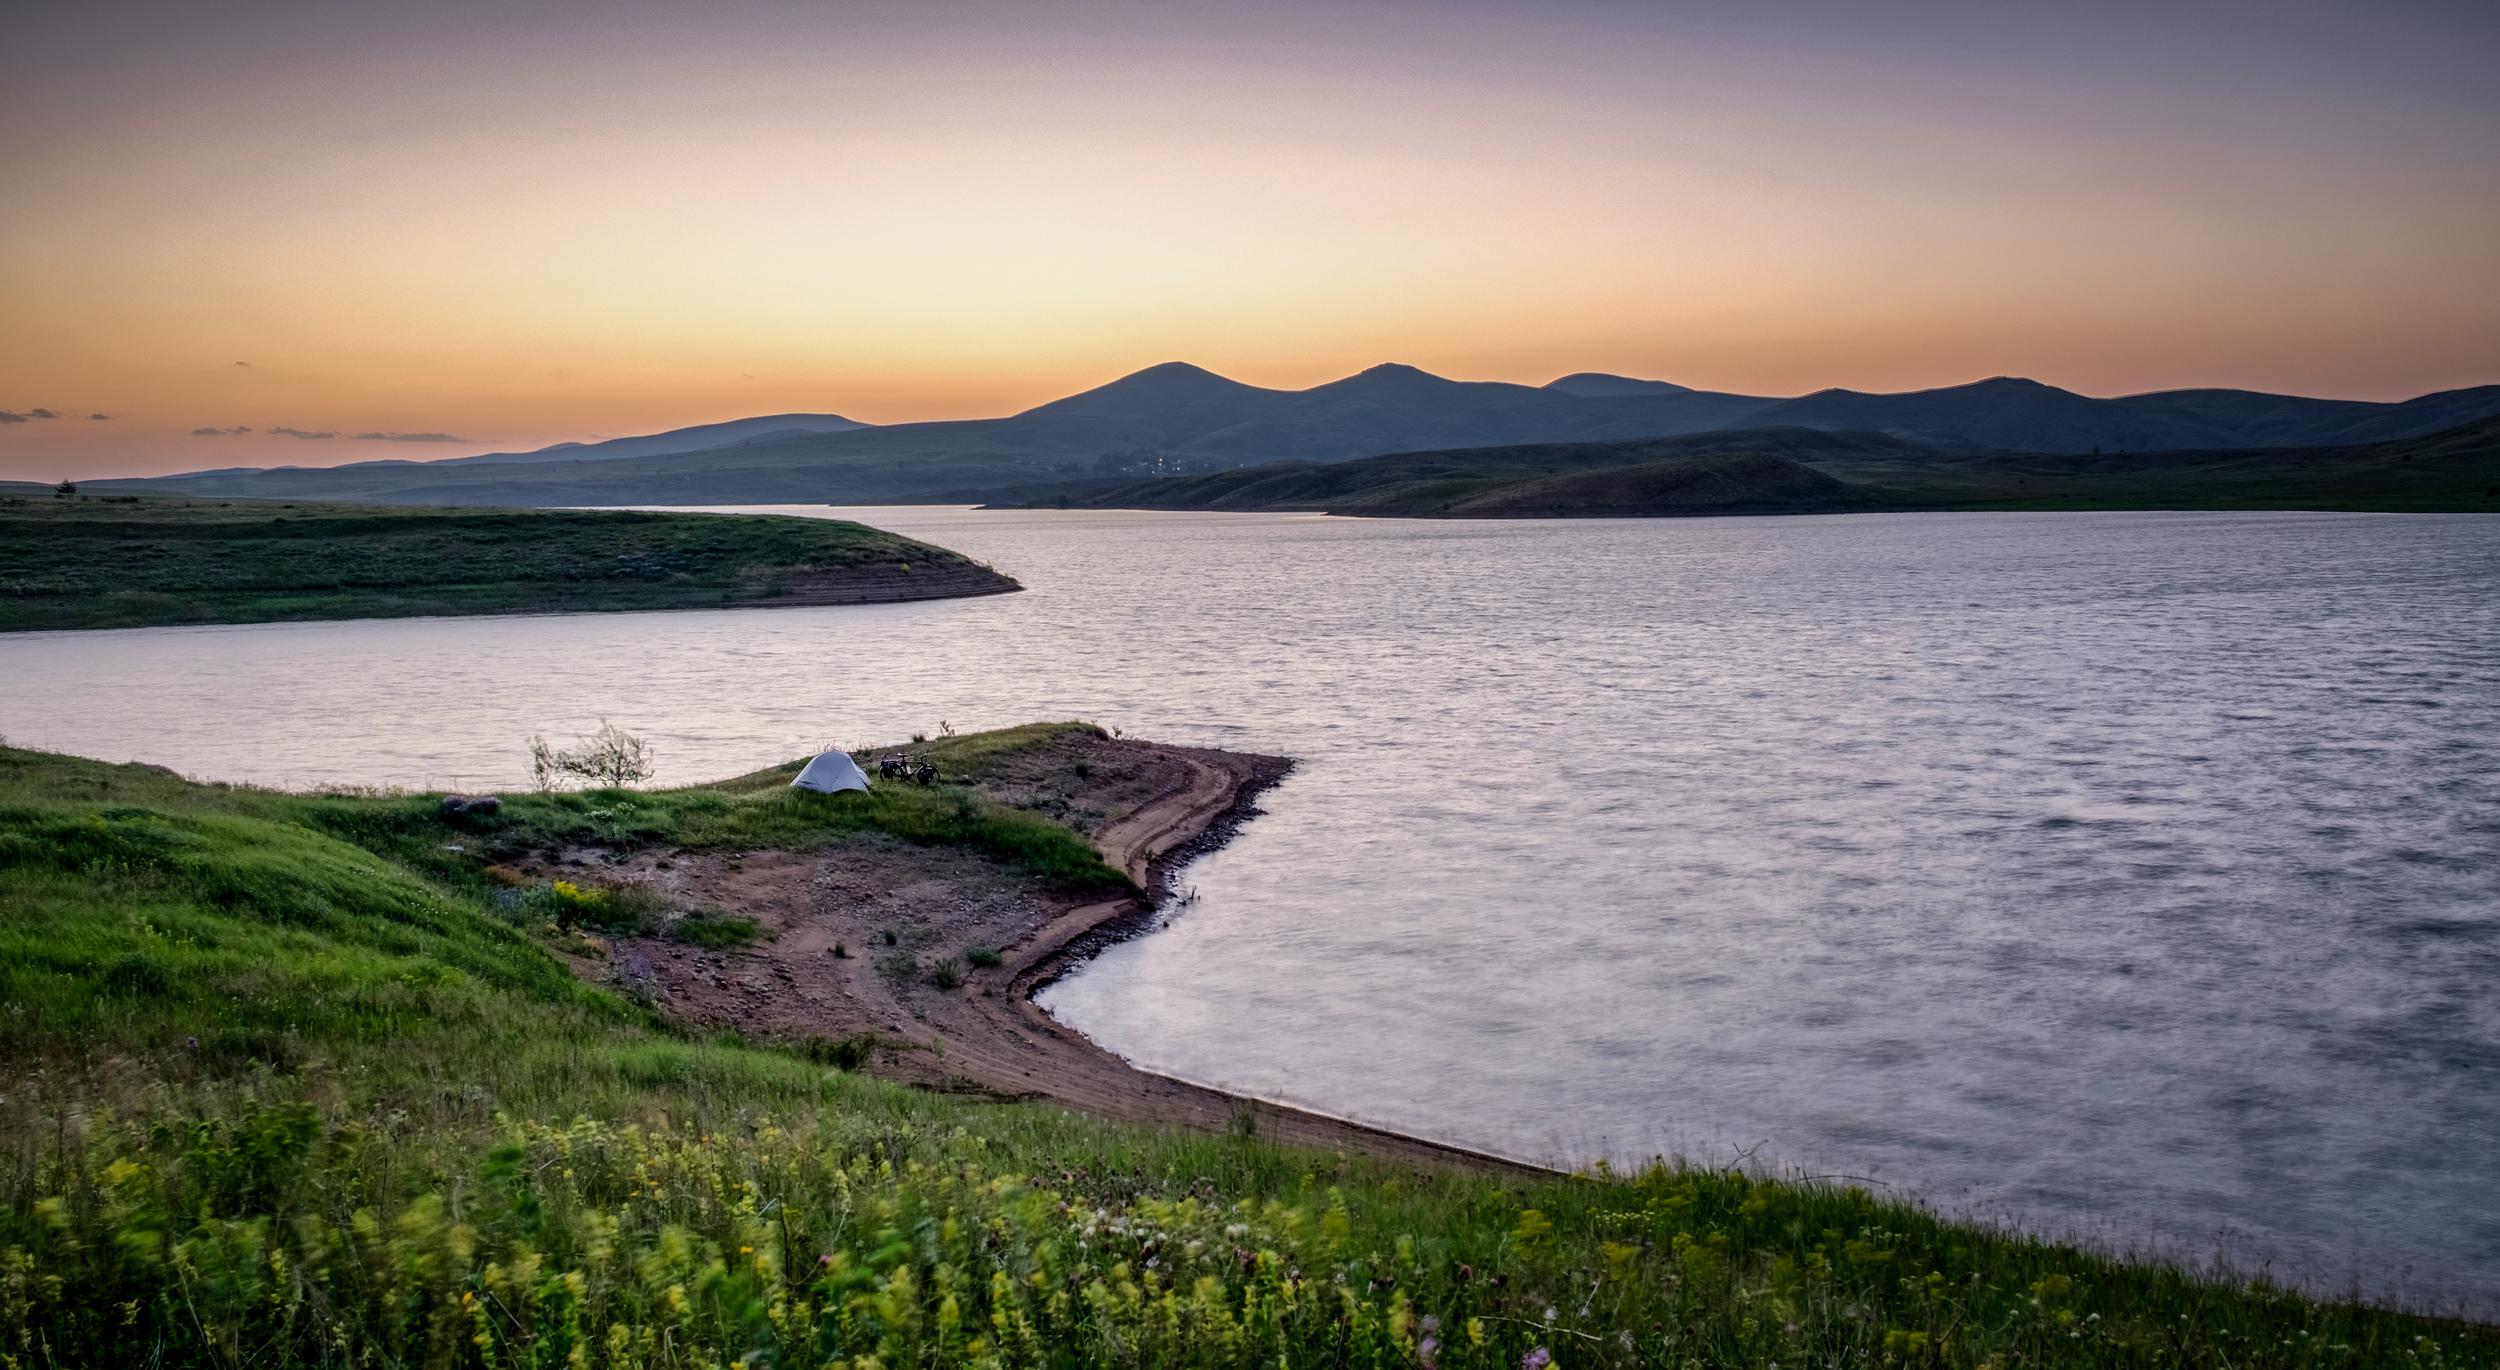 Probablement le plus bel endroit où j'ai campé, le lac Kizilirmak.